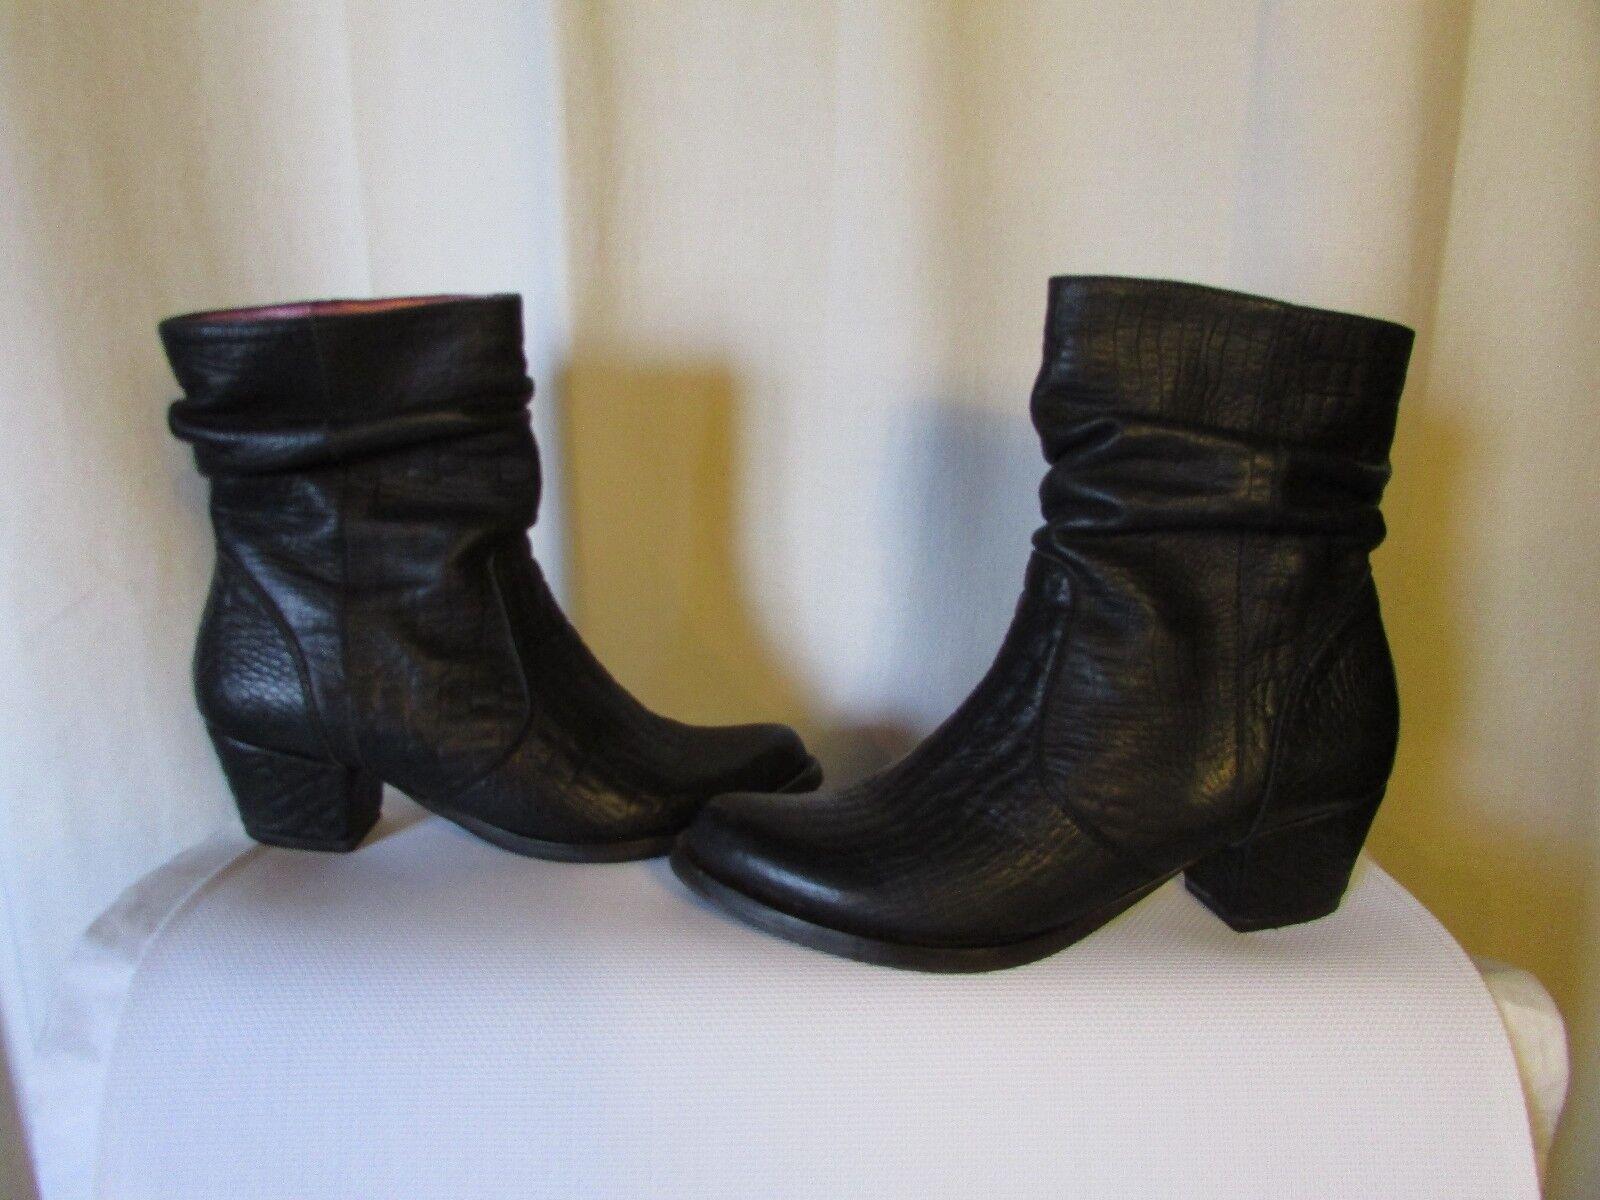 Stiefel   Stiefletten Espace Leder Stil Kroko Schwarz Größe 37,5